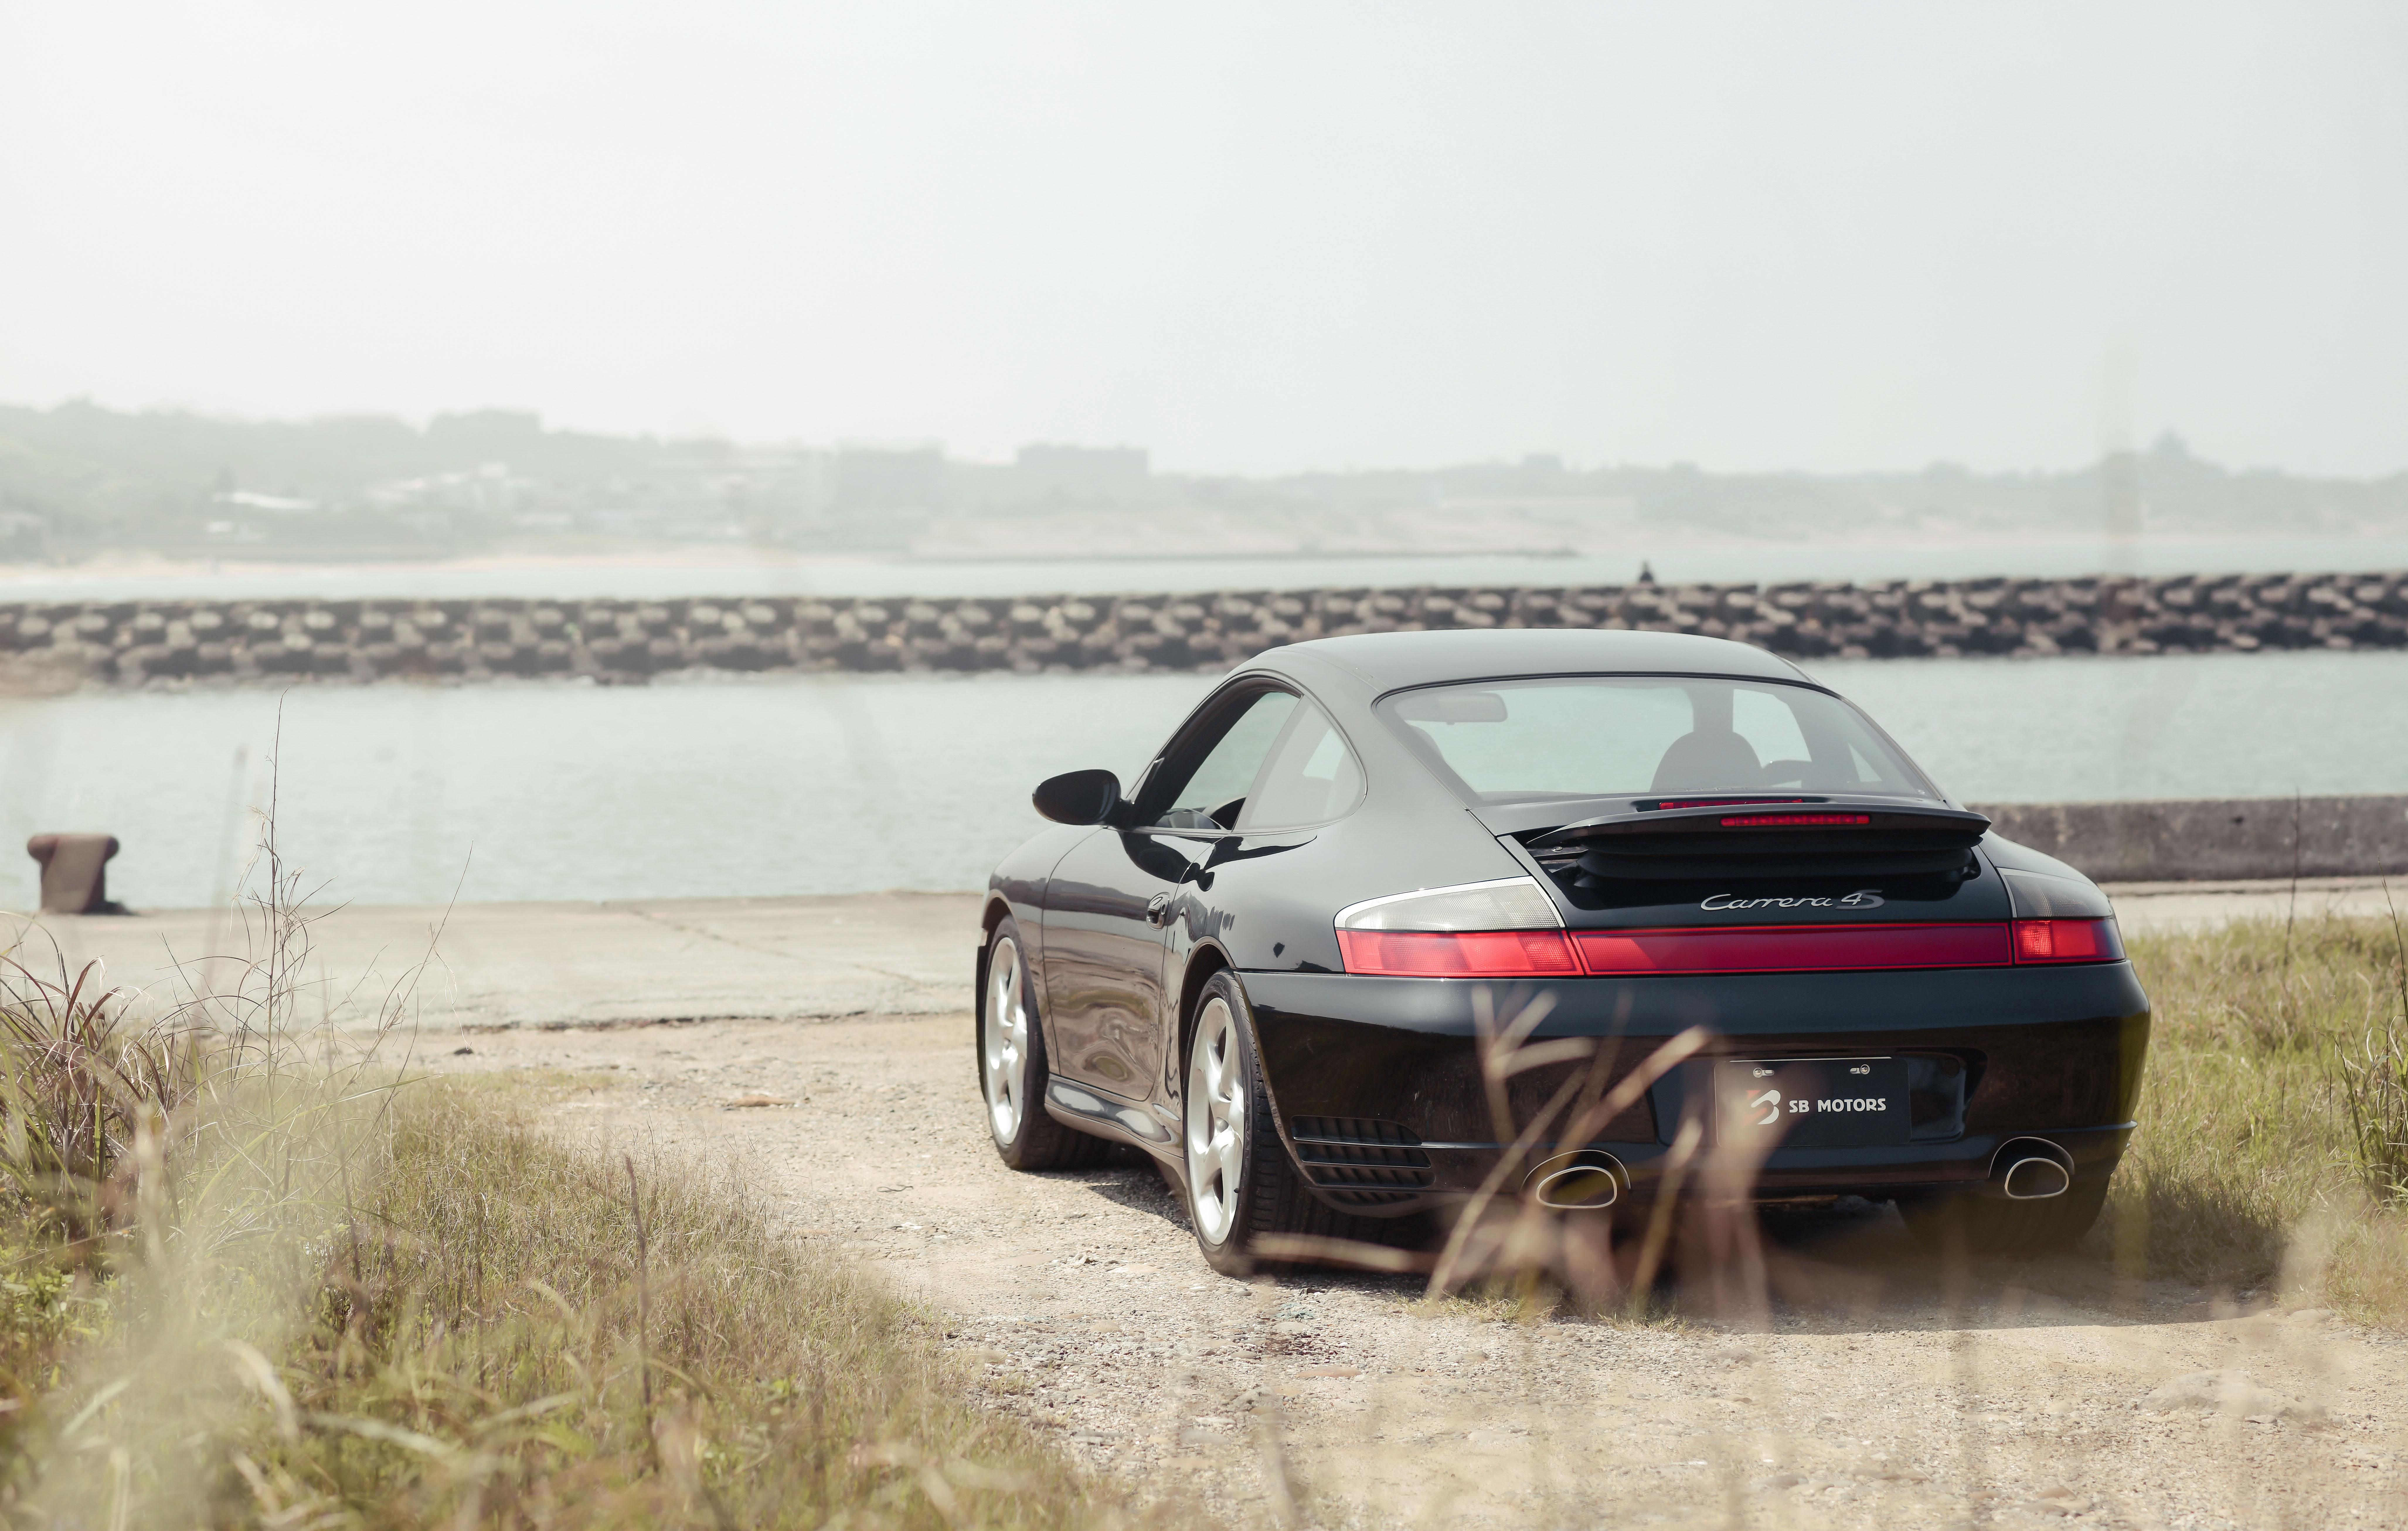 77921 Заставки и Обои Порш (Porsche) на телефон. Скачать Порш (Porsche), Тачки (Cars), Черный, Машина, Спорткар, Вид Сзади, Набережная, Porsche 911 Carrera 4S картинки бесплатно